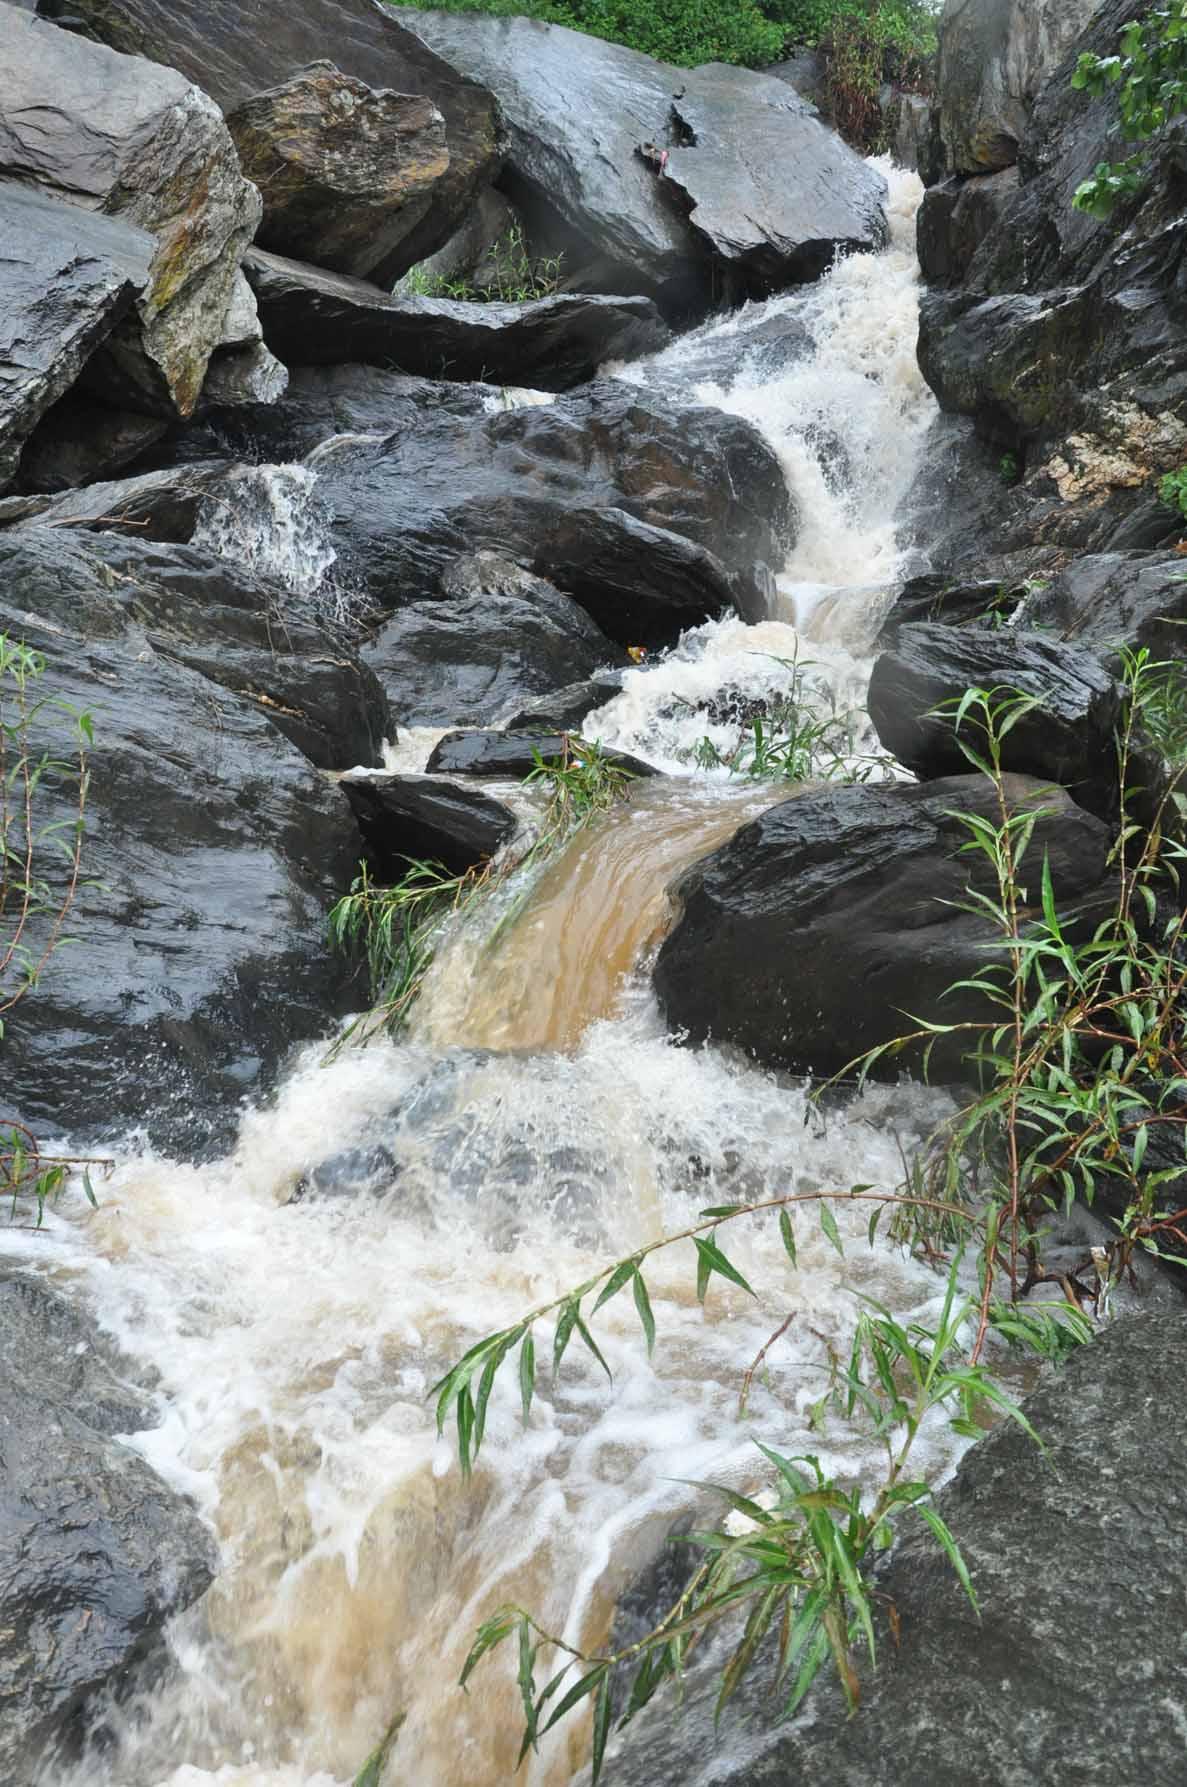 उदयपुर के पहाड़ों से बहते झरने